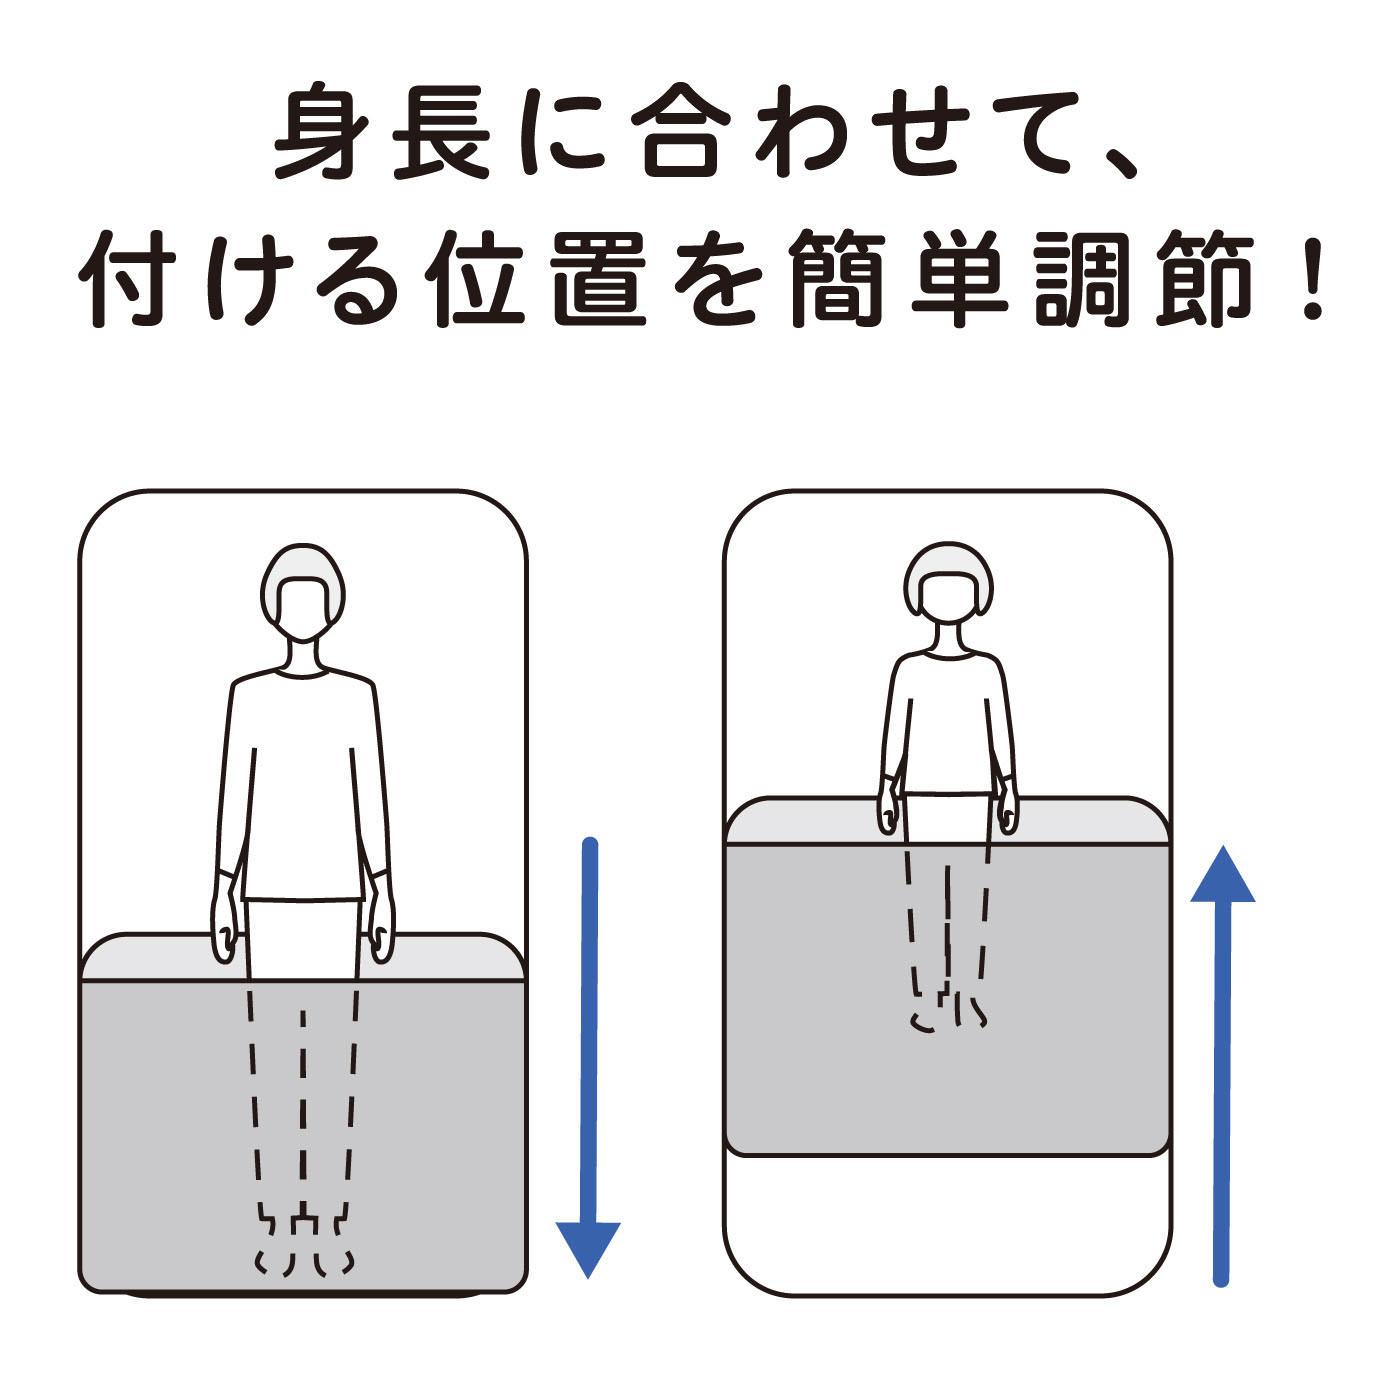 敷き布団やマットレスに通すだけだから、寝転んだときの足の位置に合わせてセットできます。